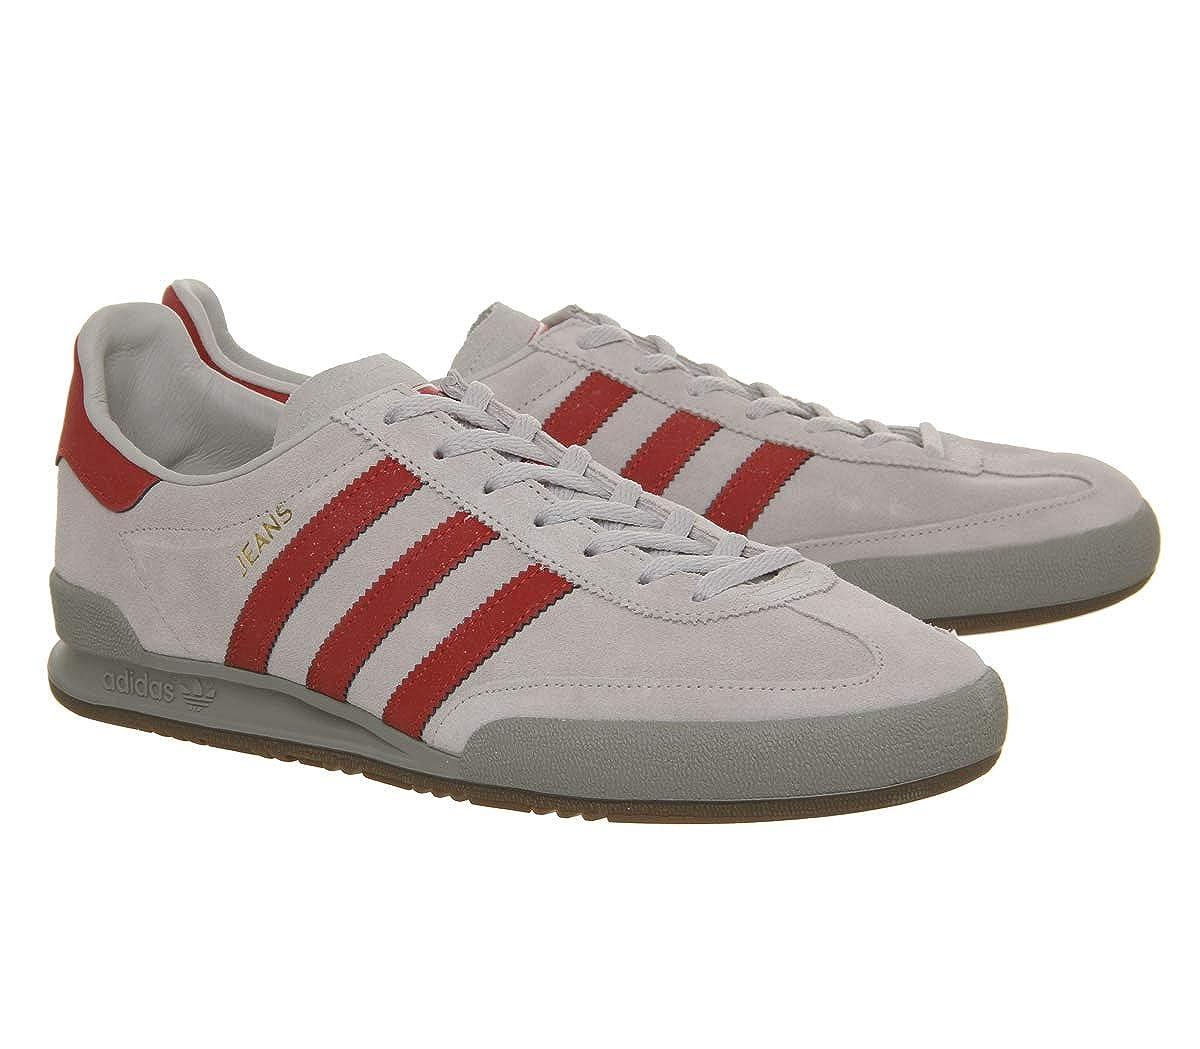 adidas Originals Jeans, Grey Two Scarlet ch solid Grey, 6